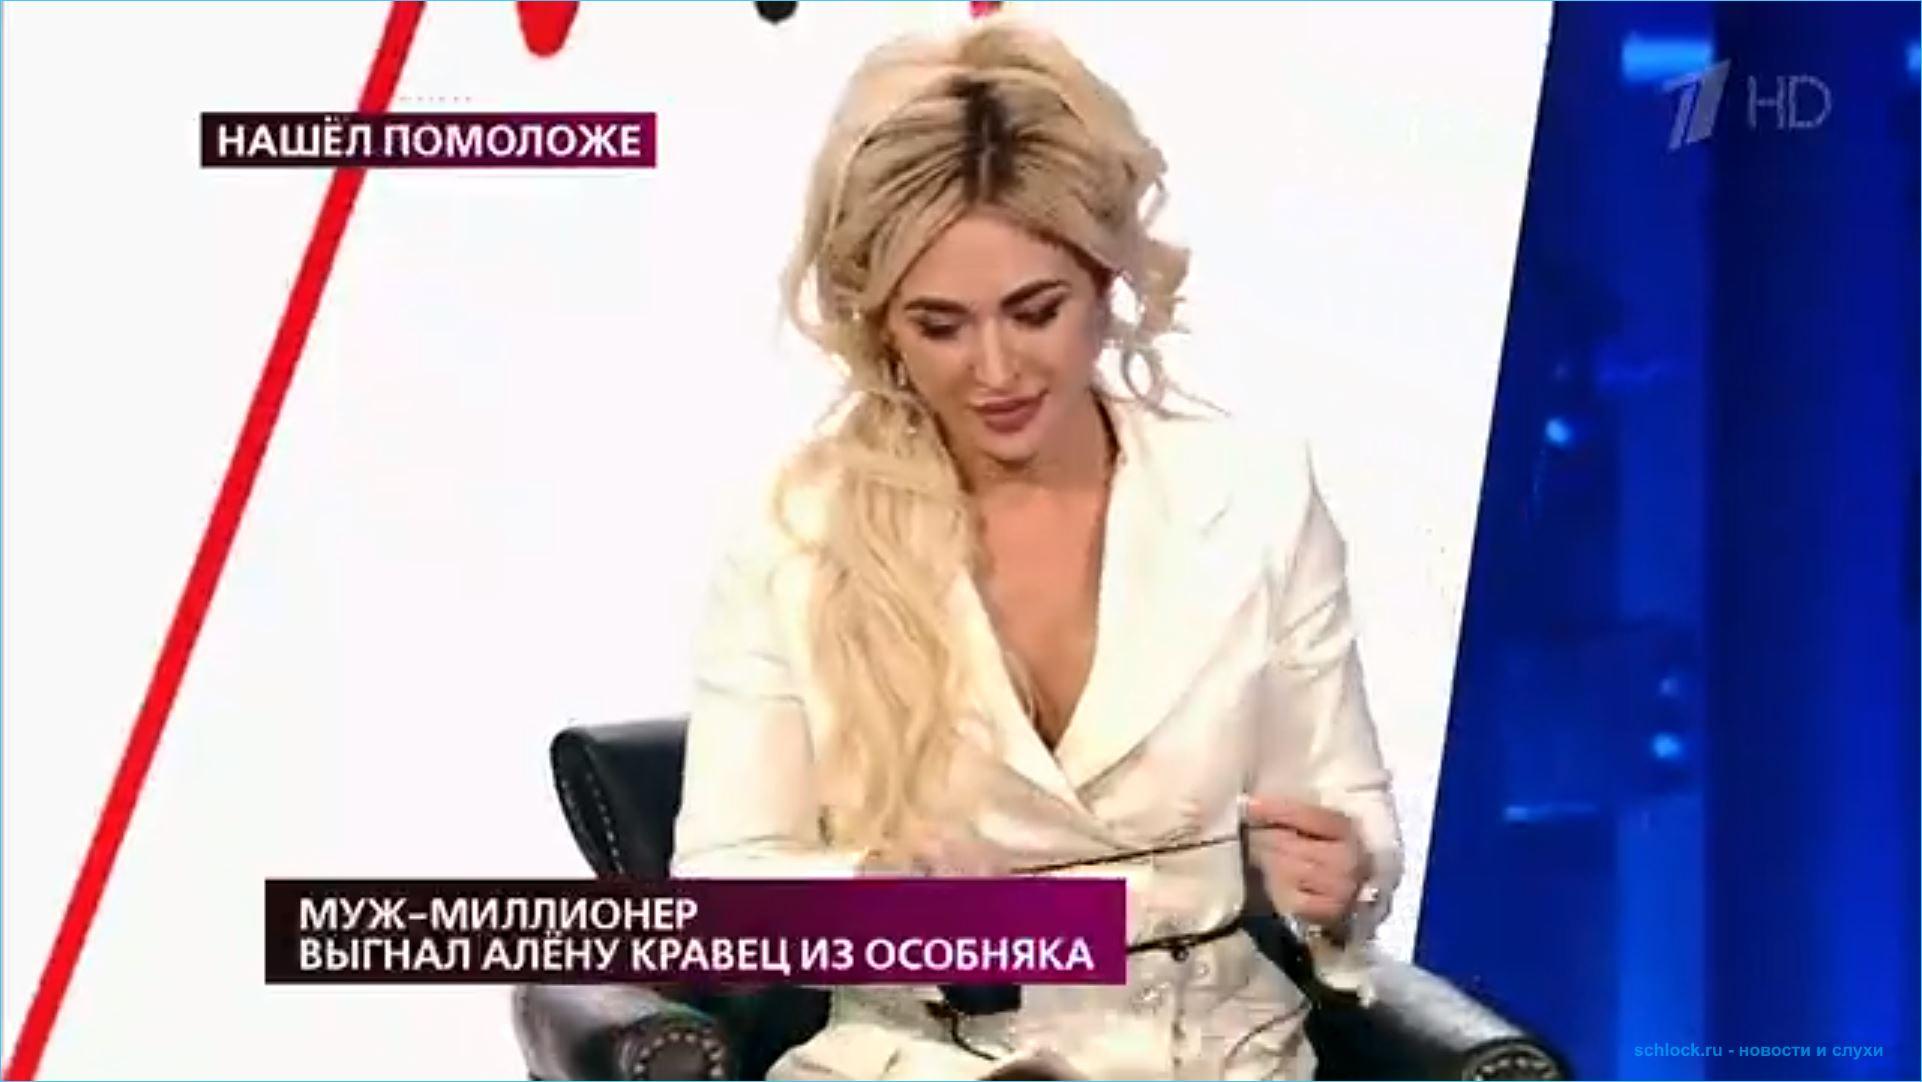 Анастасия Кочервей сменила фамилию и опозорилась на Первом канале